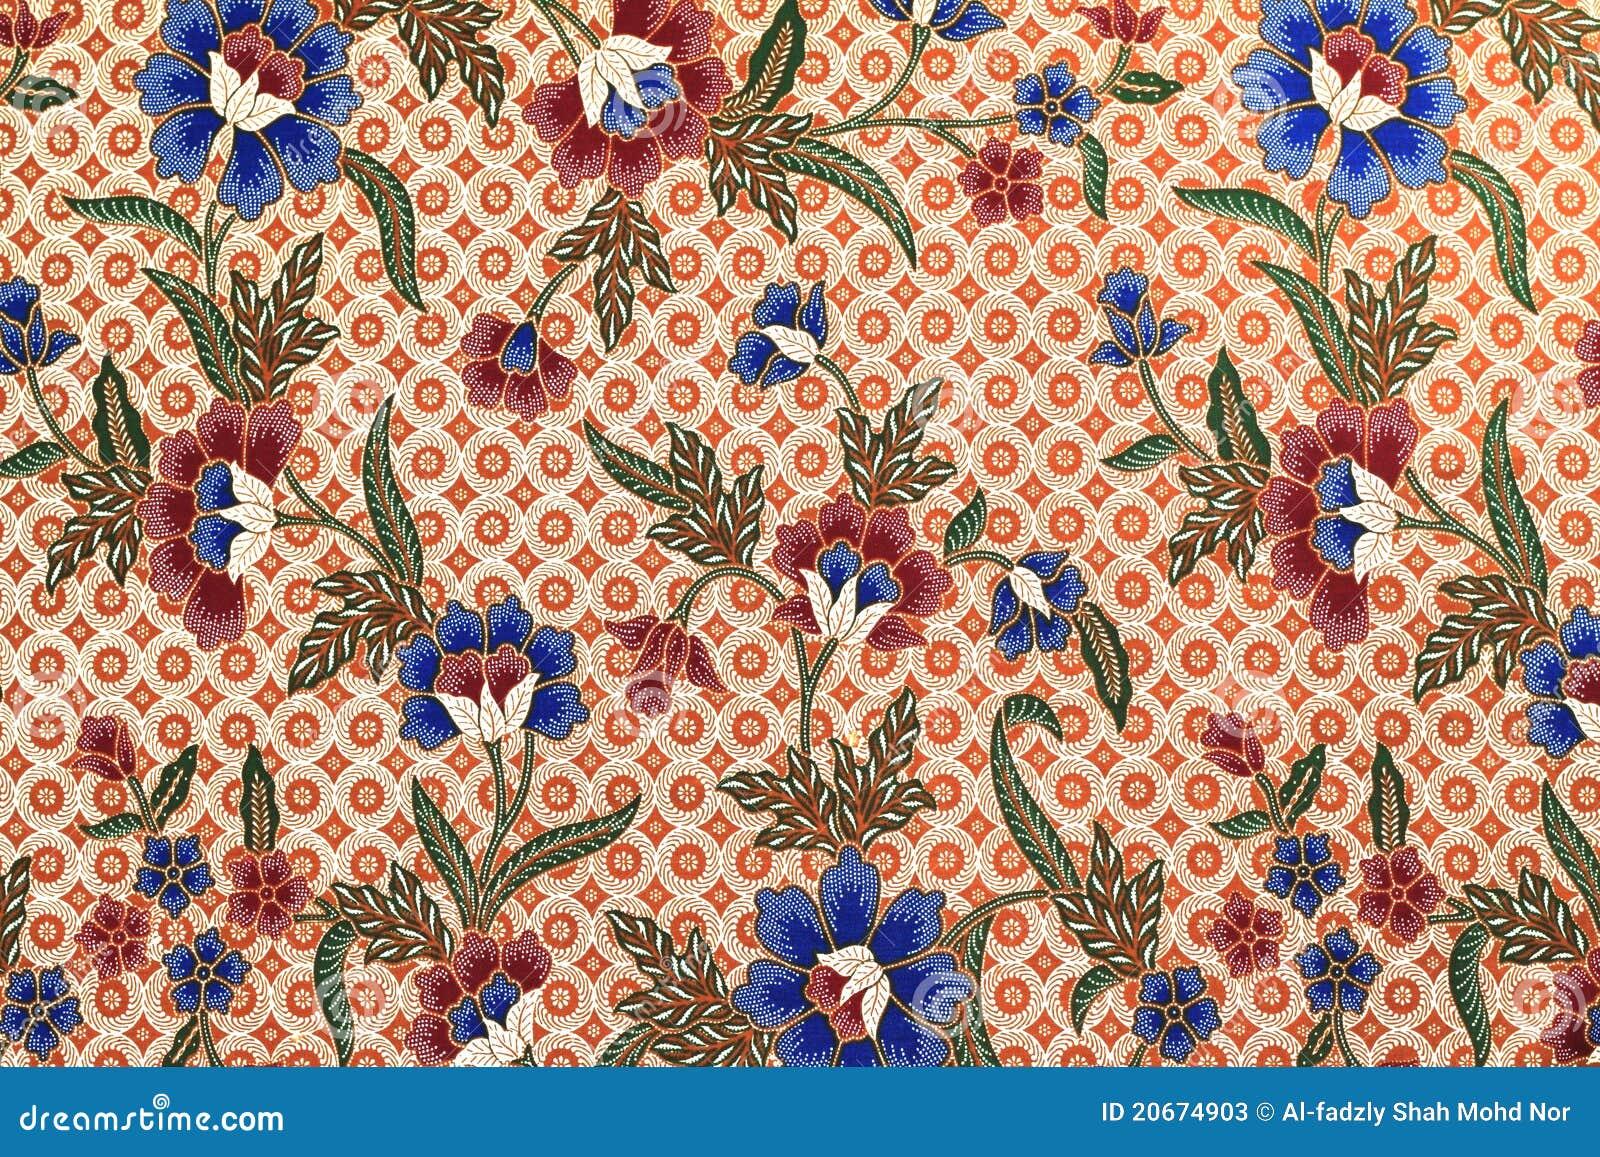 Batik Texture Made In Malaysia Stock Photos - Image: 20674903